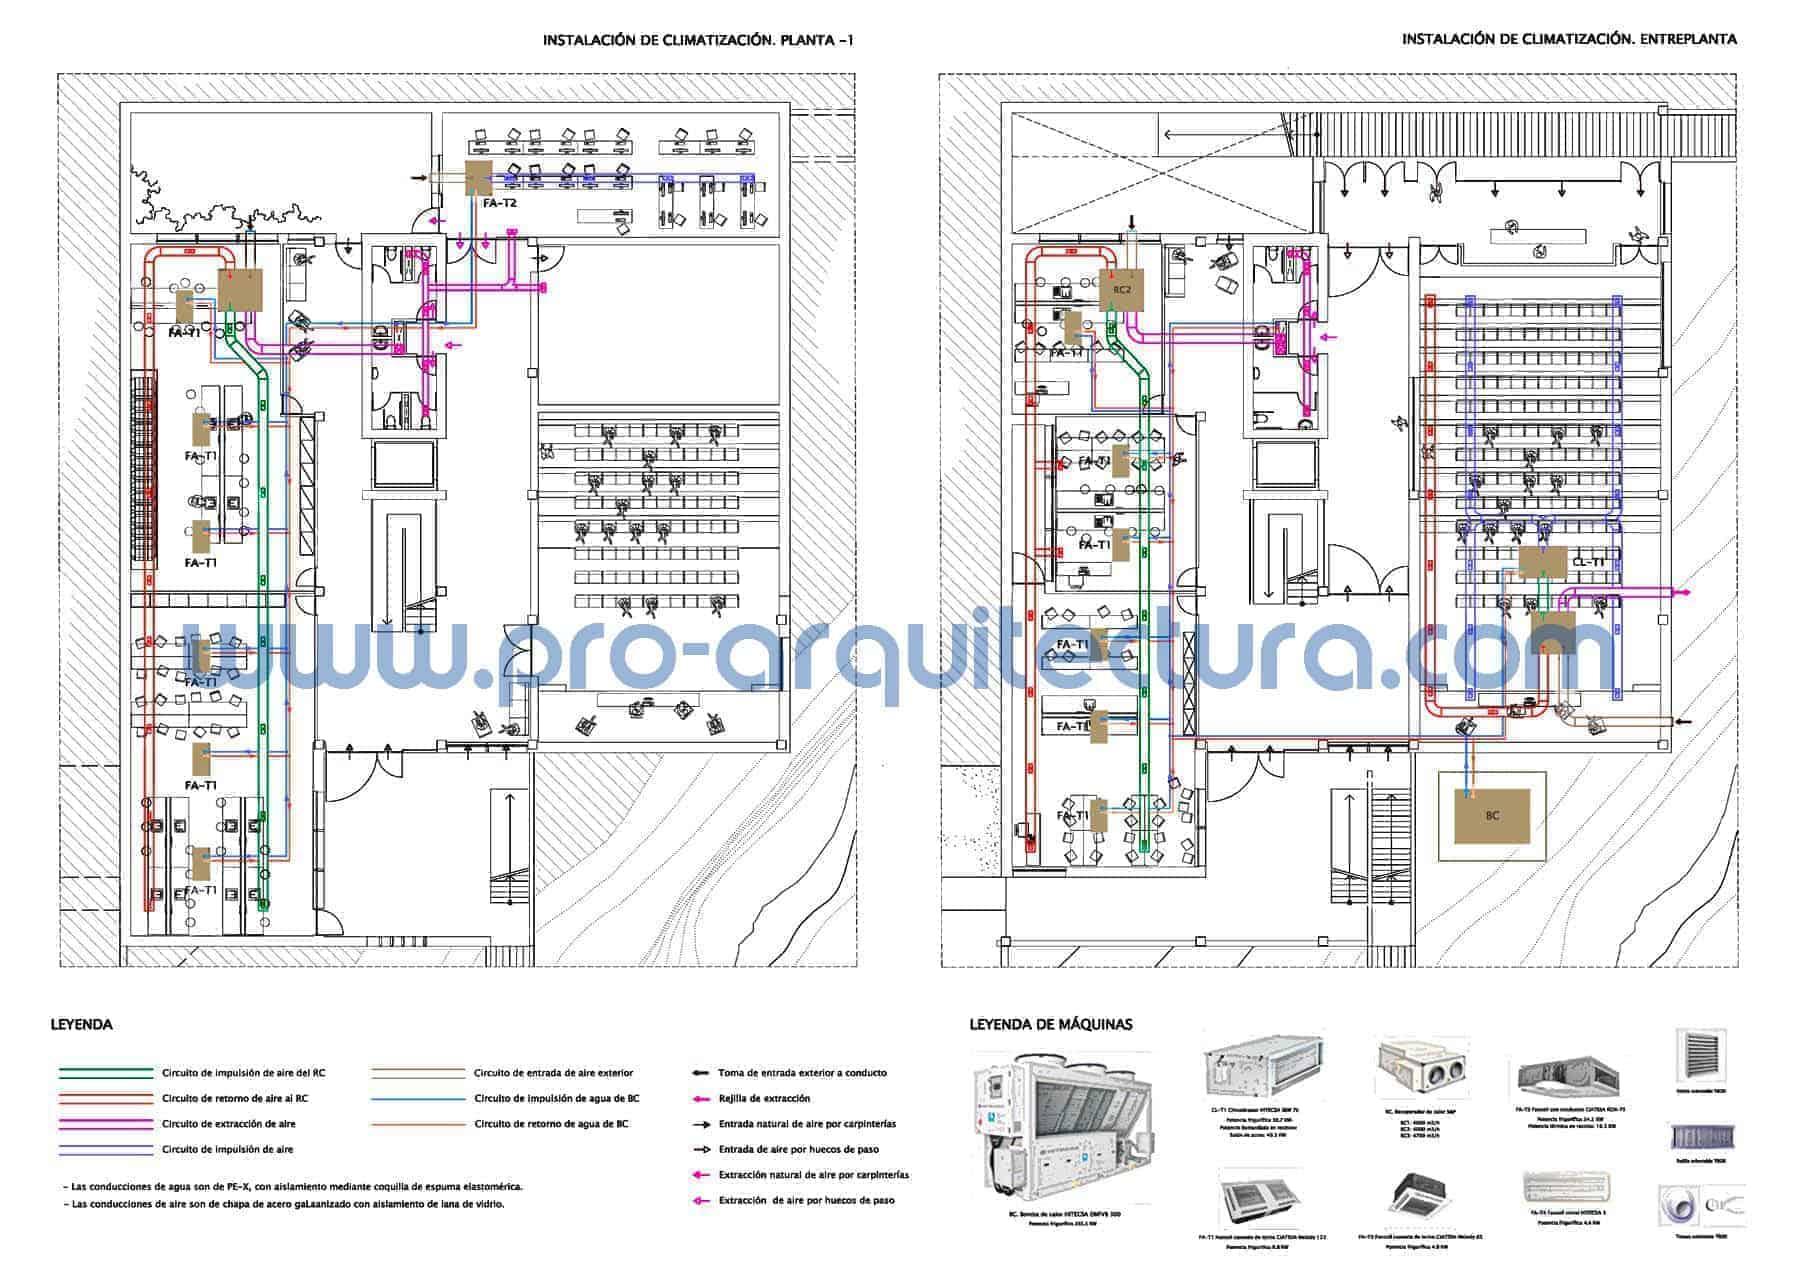 0022-02 Centro enológico-Museo del vino. Plano de instalación de climatización. Tu ayuda con la entrega del pfc pfg tfg tfm de arquitectura.